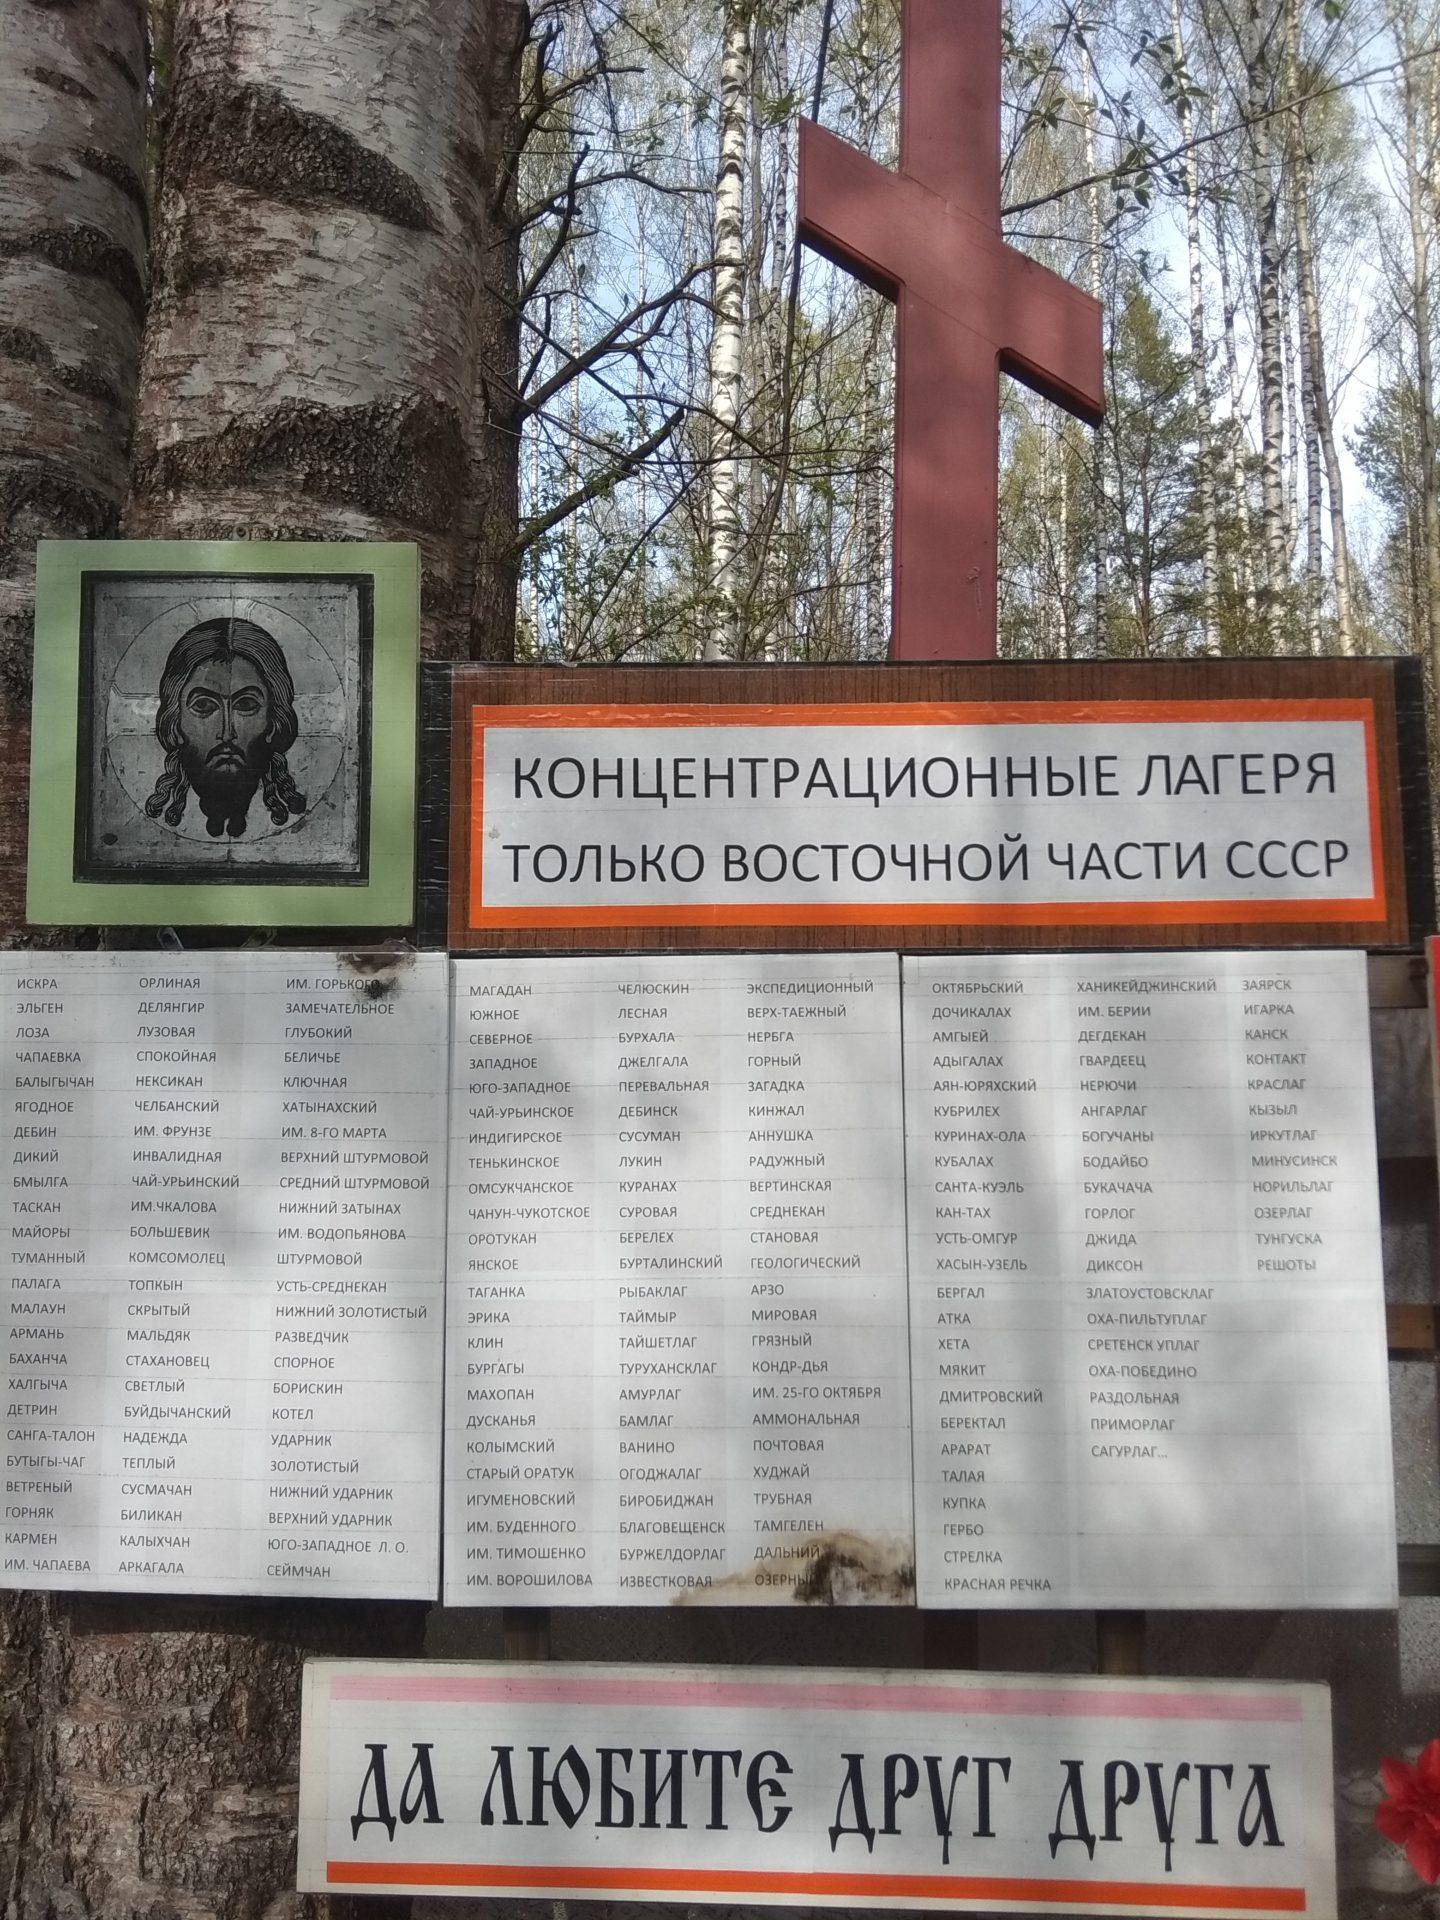 ржевский полигон память жертвам красного террора